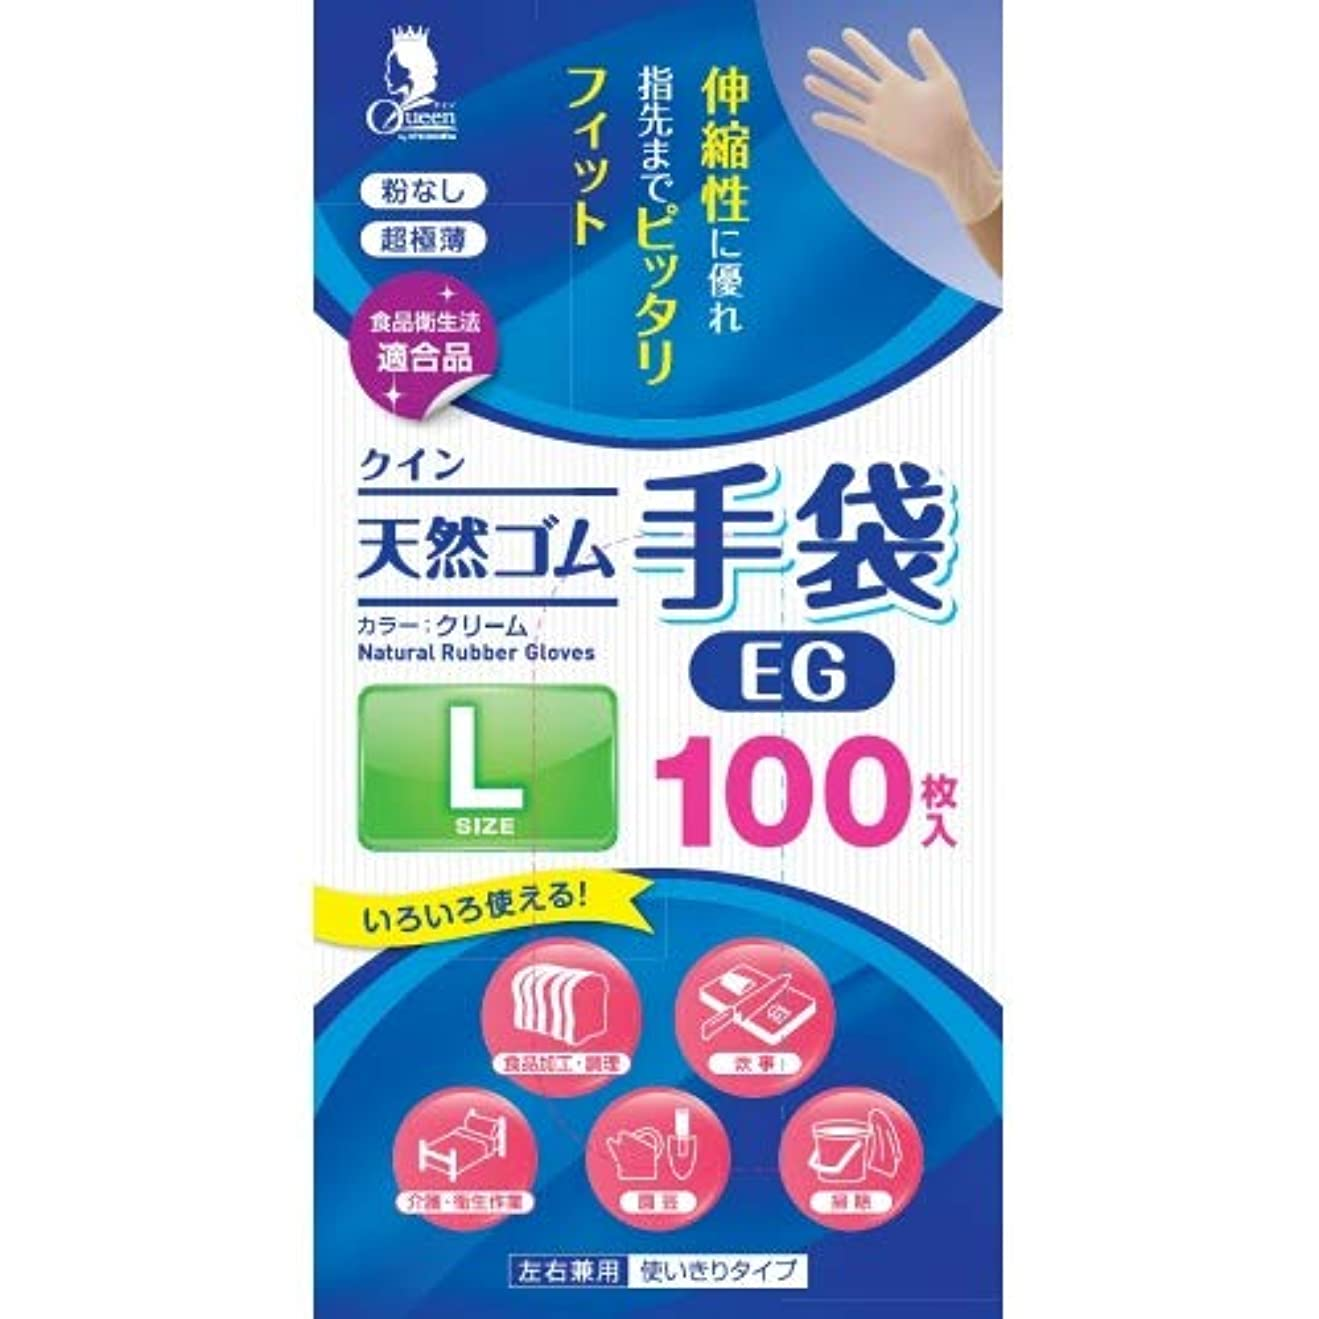 マニアミンチカニ宇都宮製作 クイン 天然ゴム 手袋 EG 粉なし 100枚入 Lサイズ